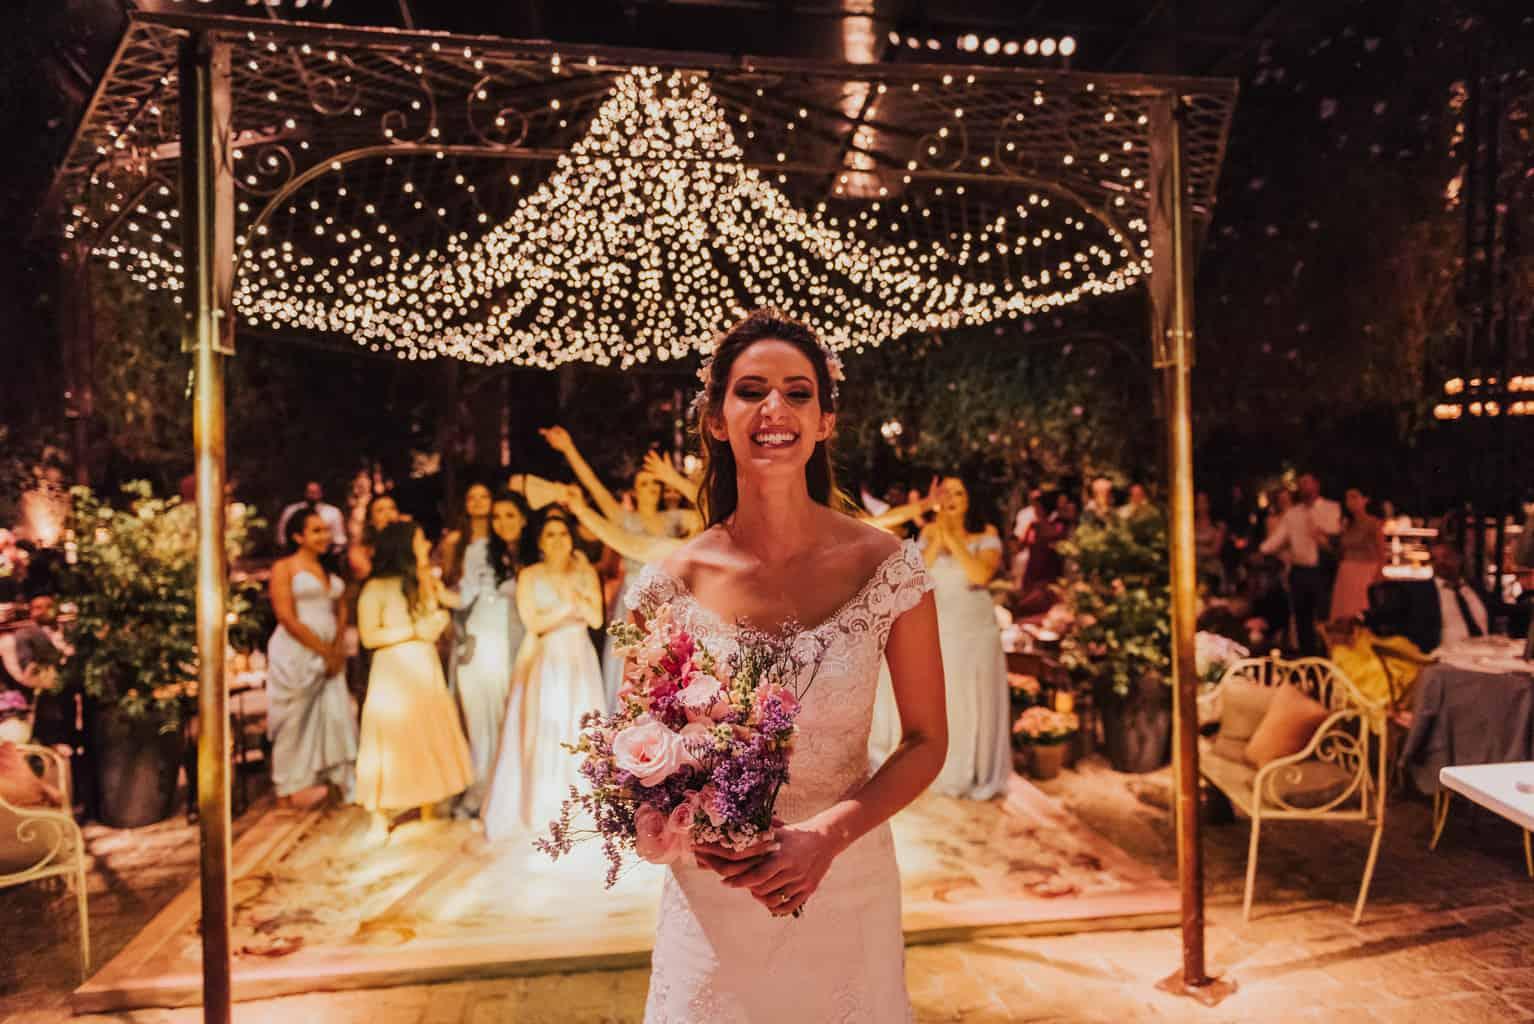 Boutique-de-Cena-casamento-Rebeca-e-Eldrey-Fazenda-Vila-Rica-Fotografia-Mana-Gollo-Toda-de-Branco89